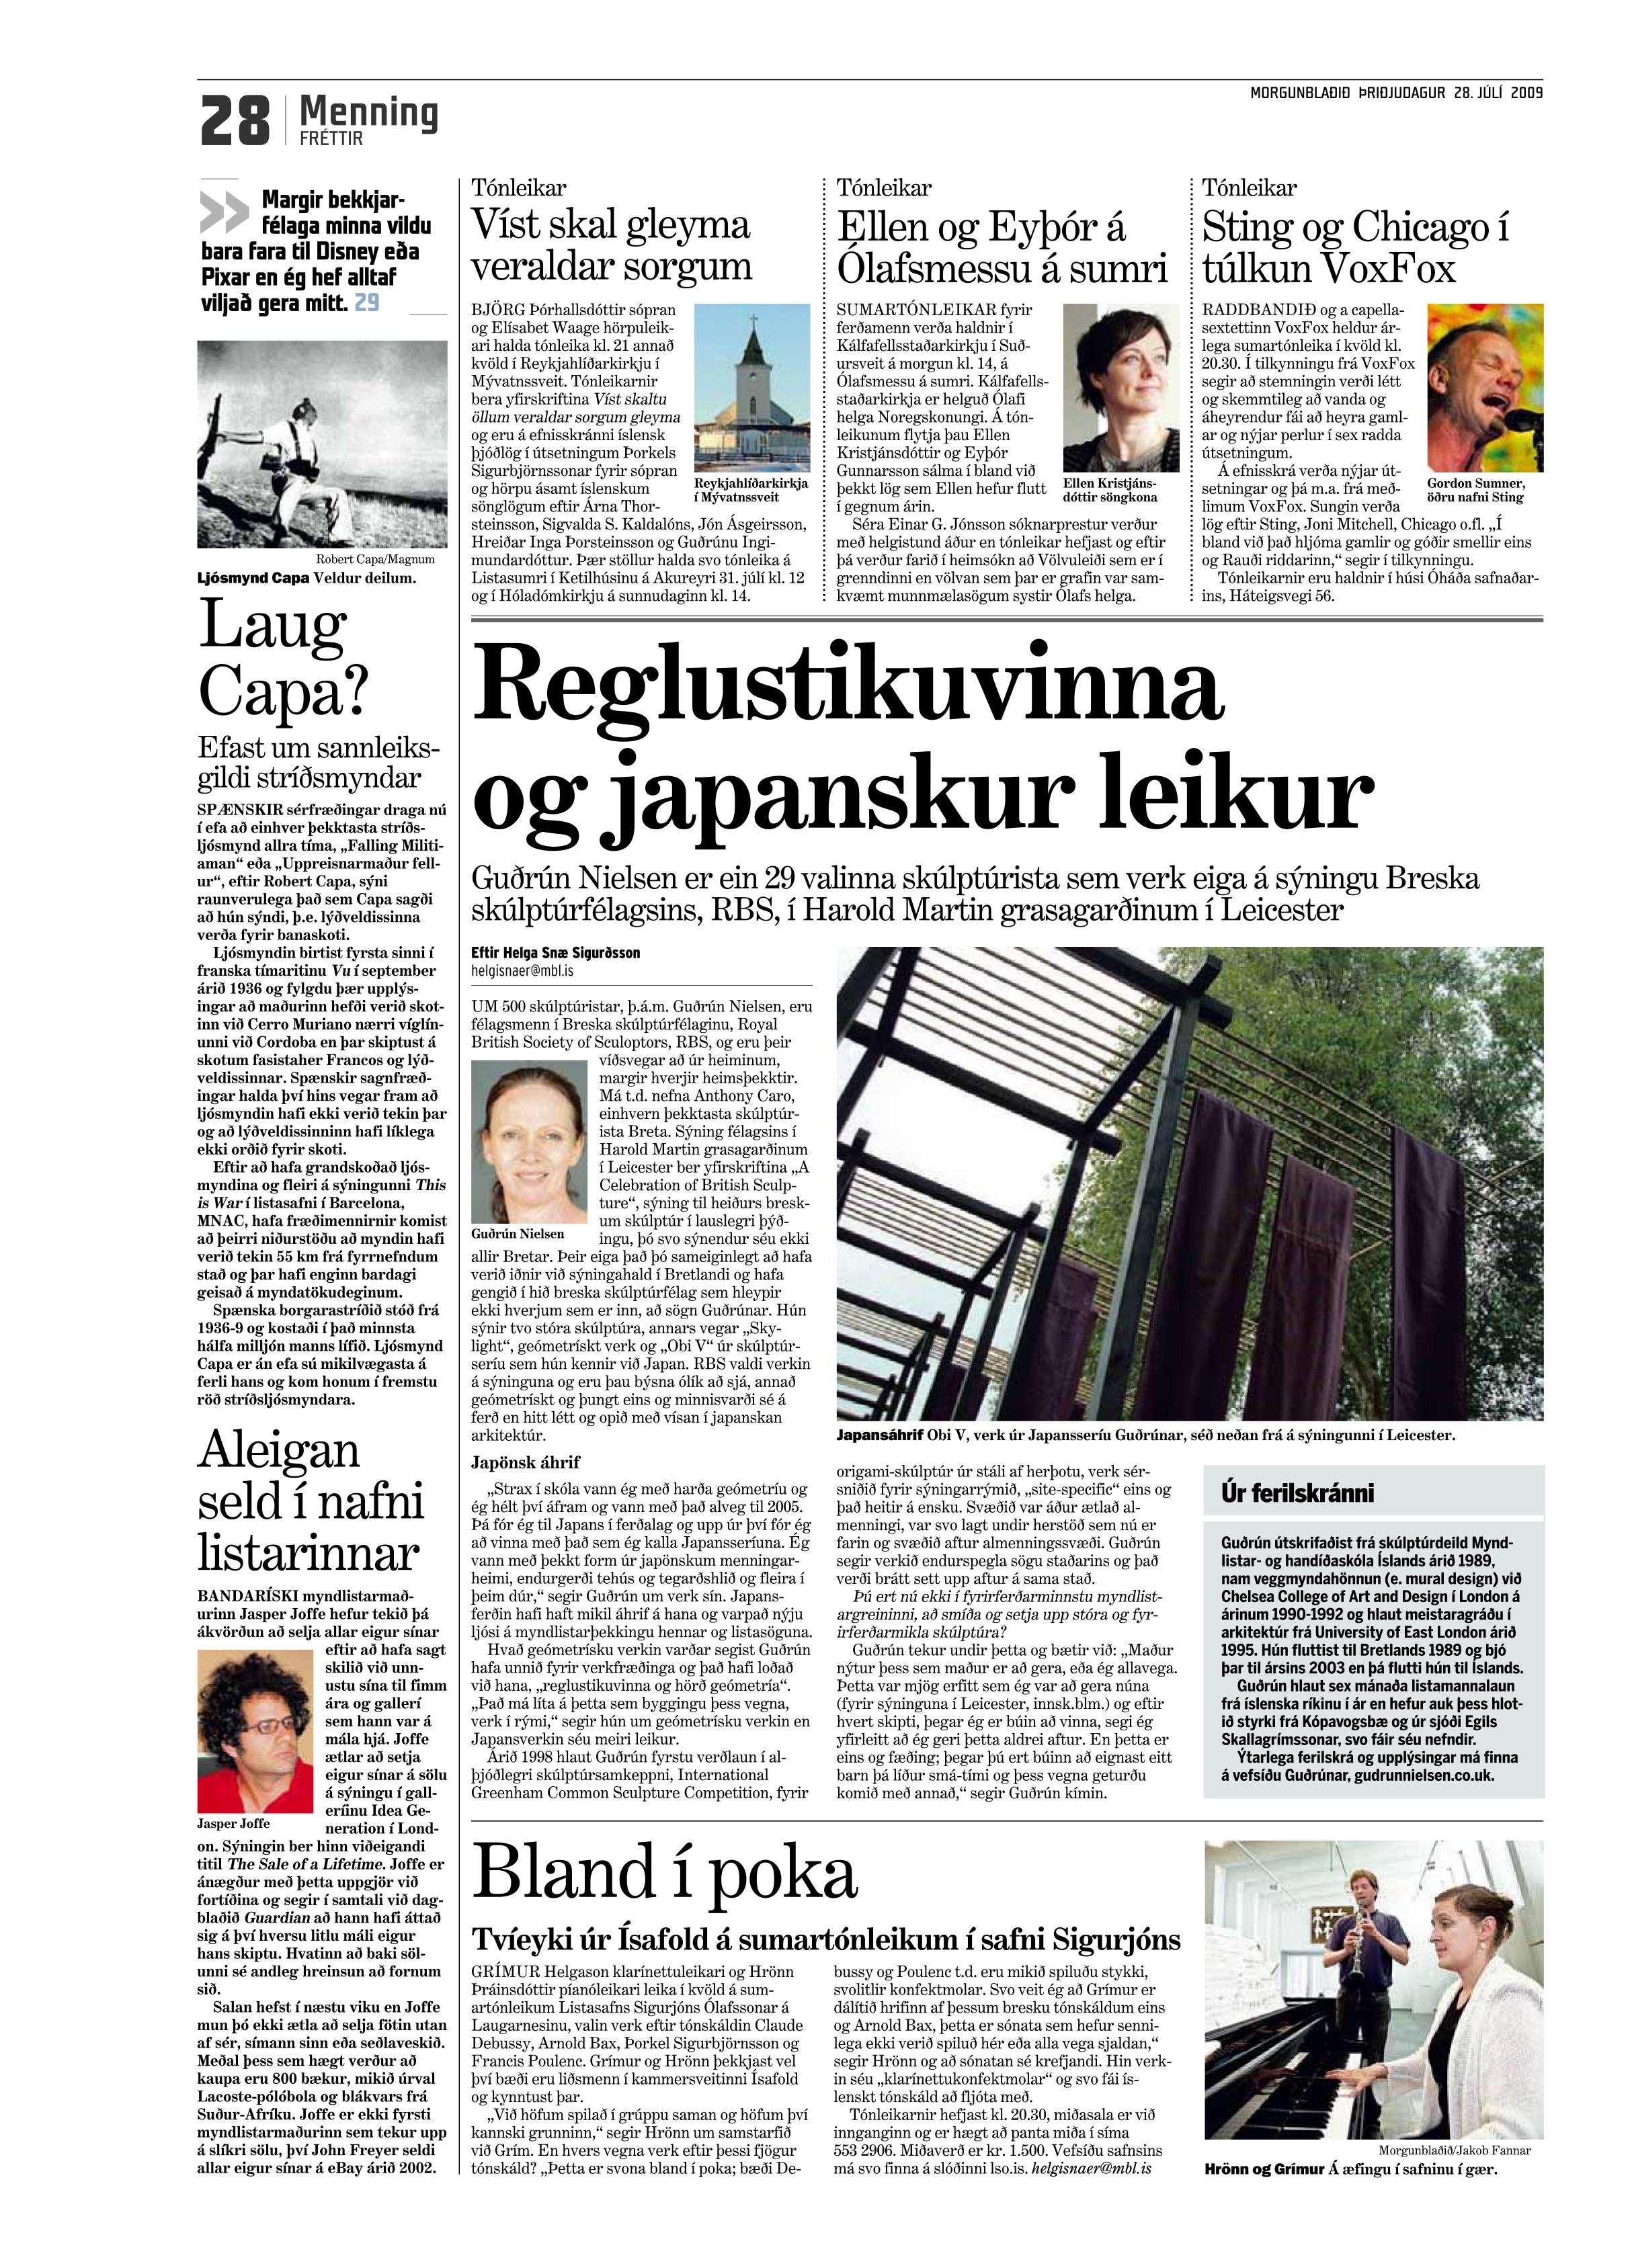 reglustikuvinna og japanskur leikur 2009.jpg